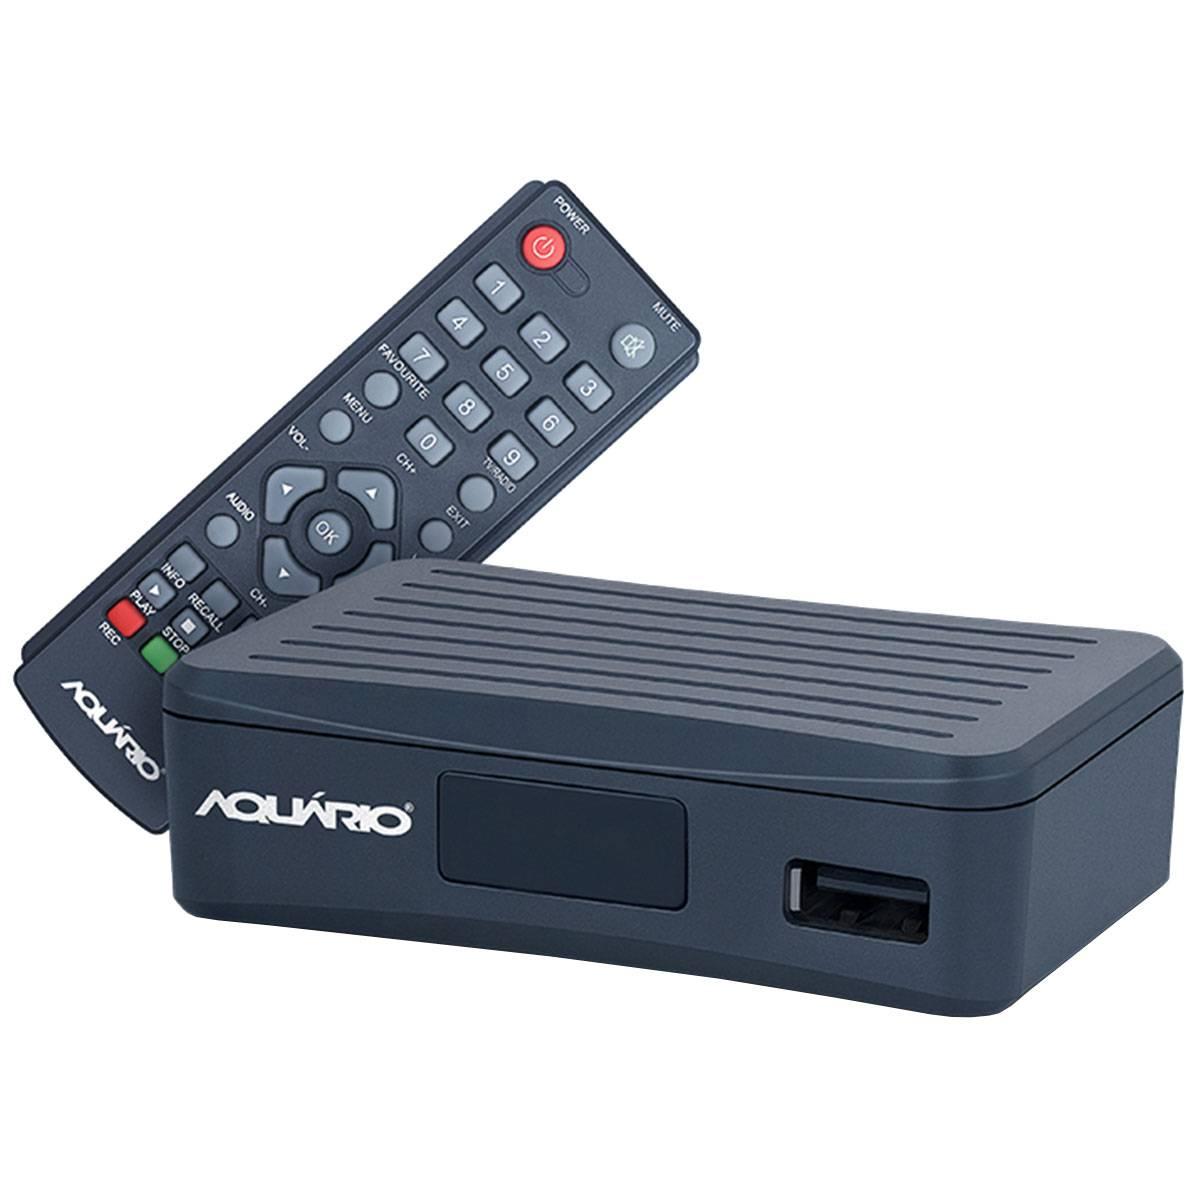 Conversor Digital Full HD p / TV c / USB / HDMI / Gravador - DTV 4000 Aquário